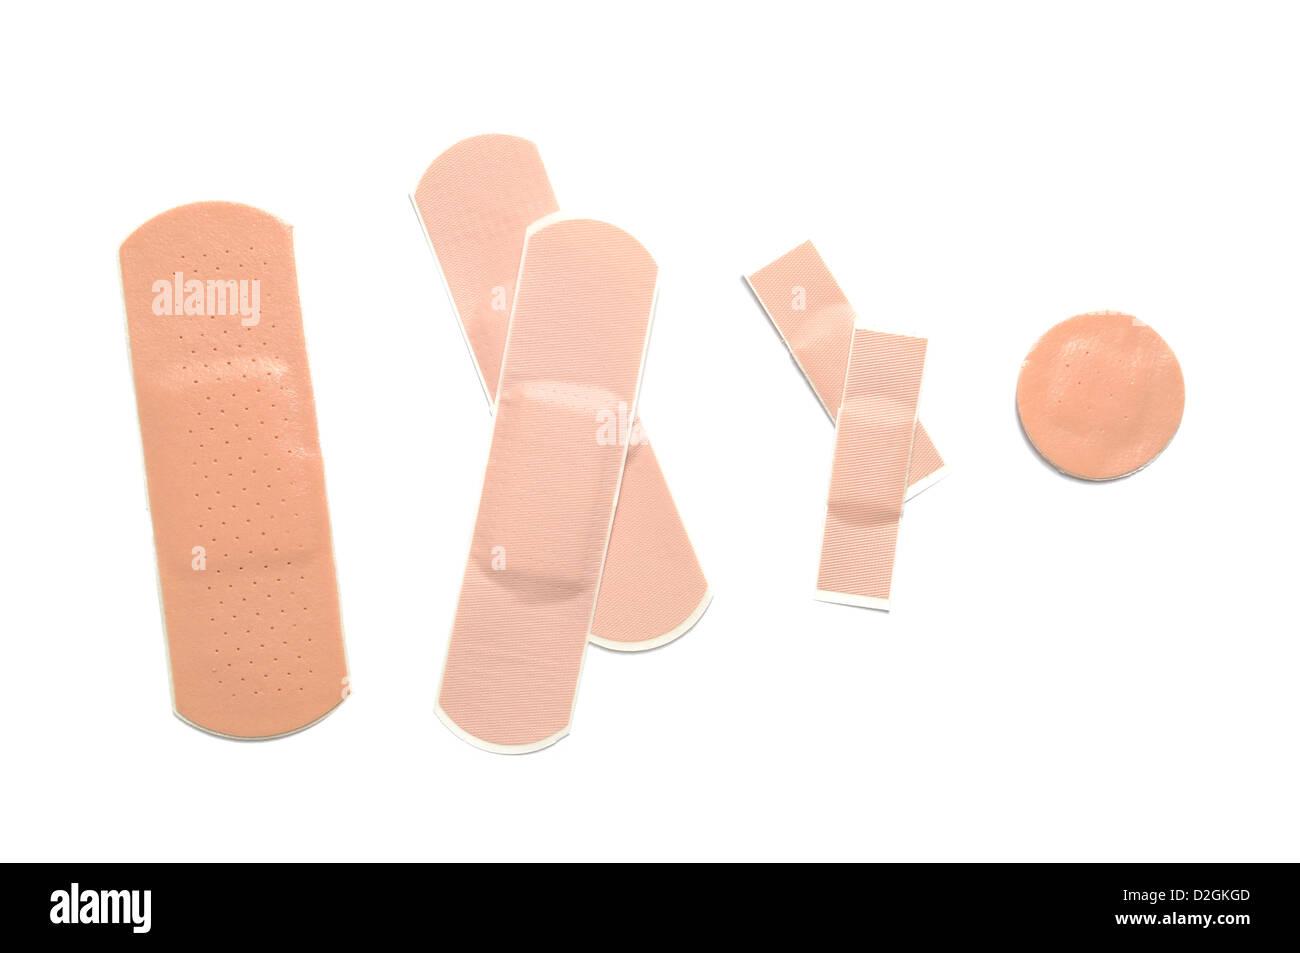 Adhesive bandage - Stock Image